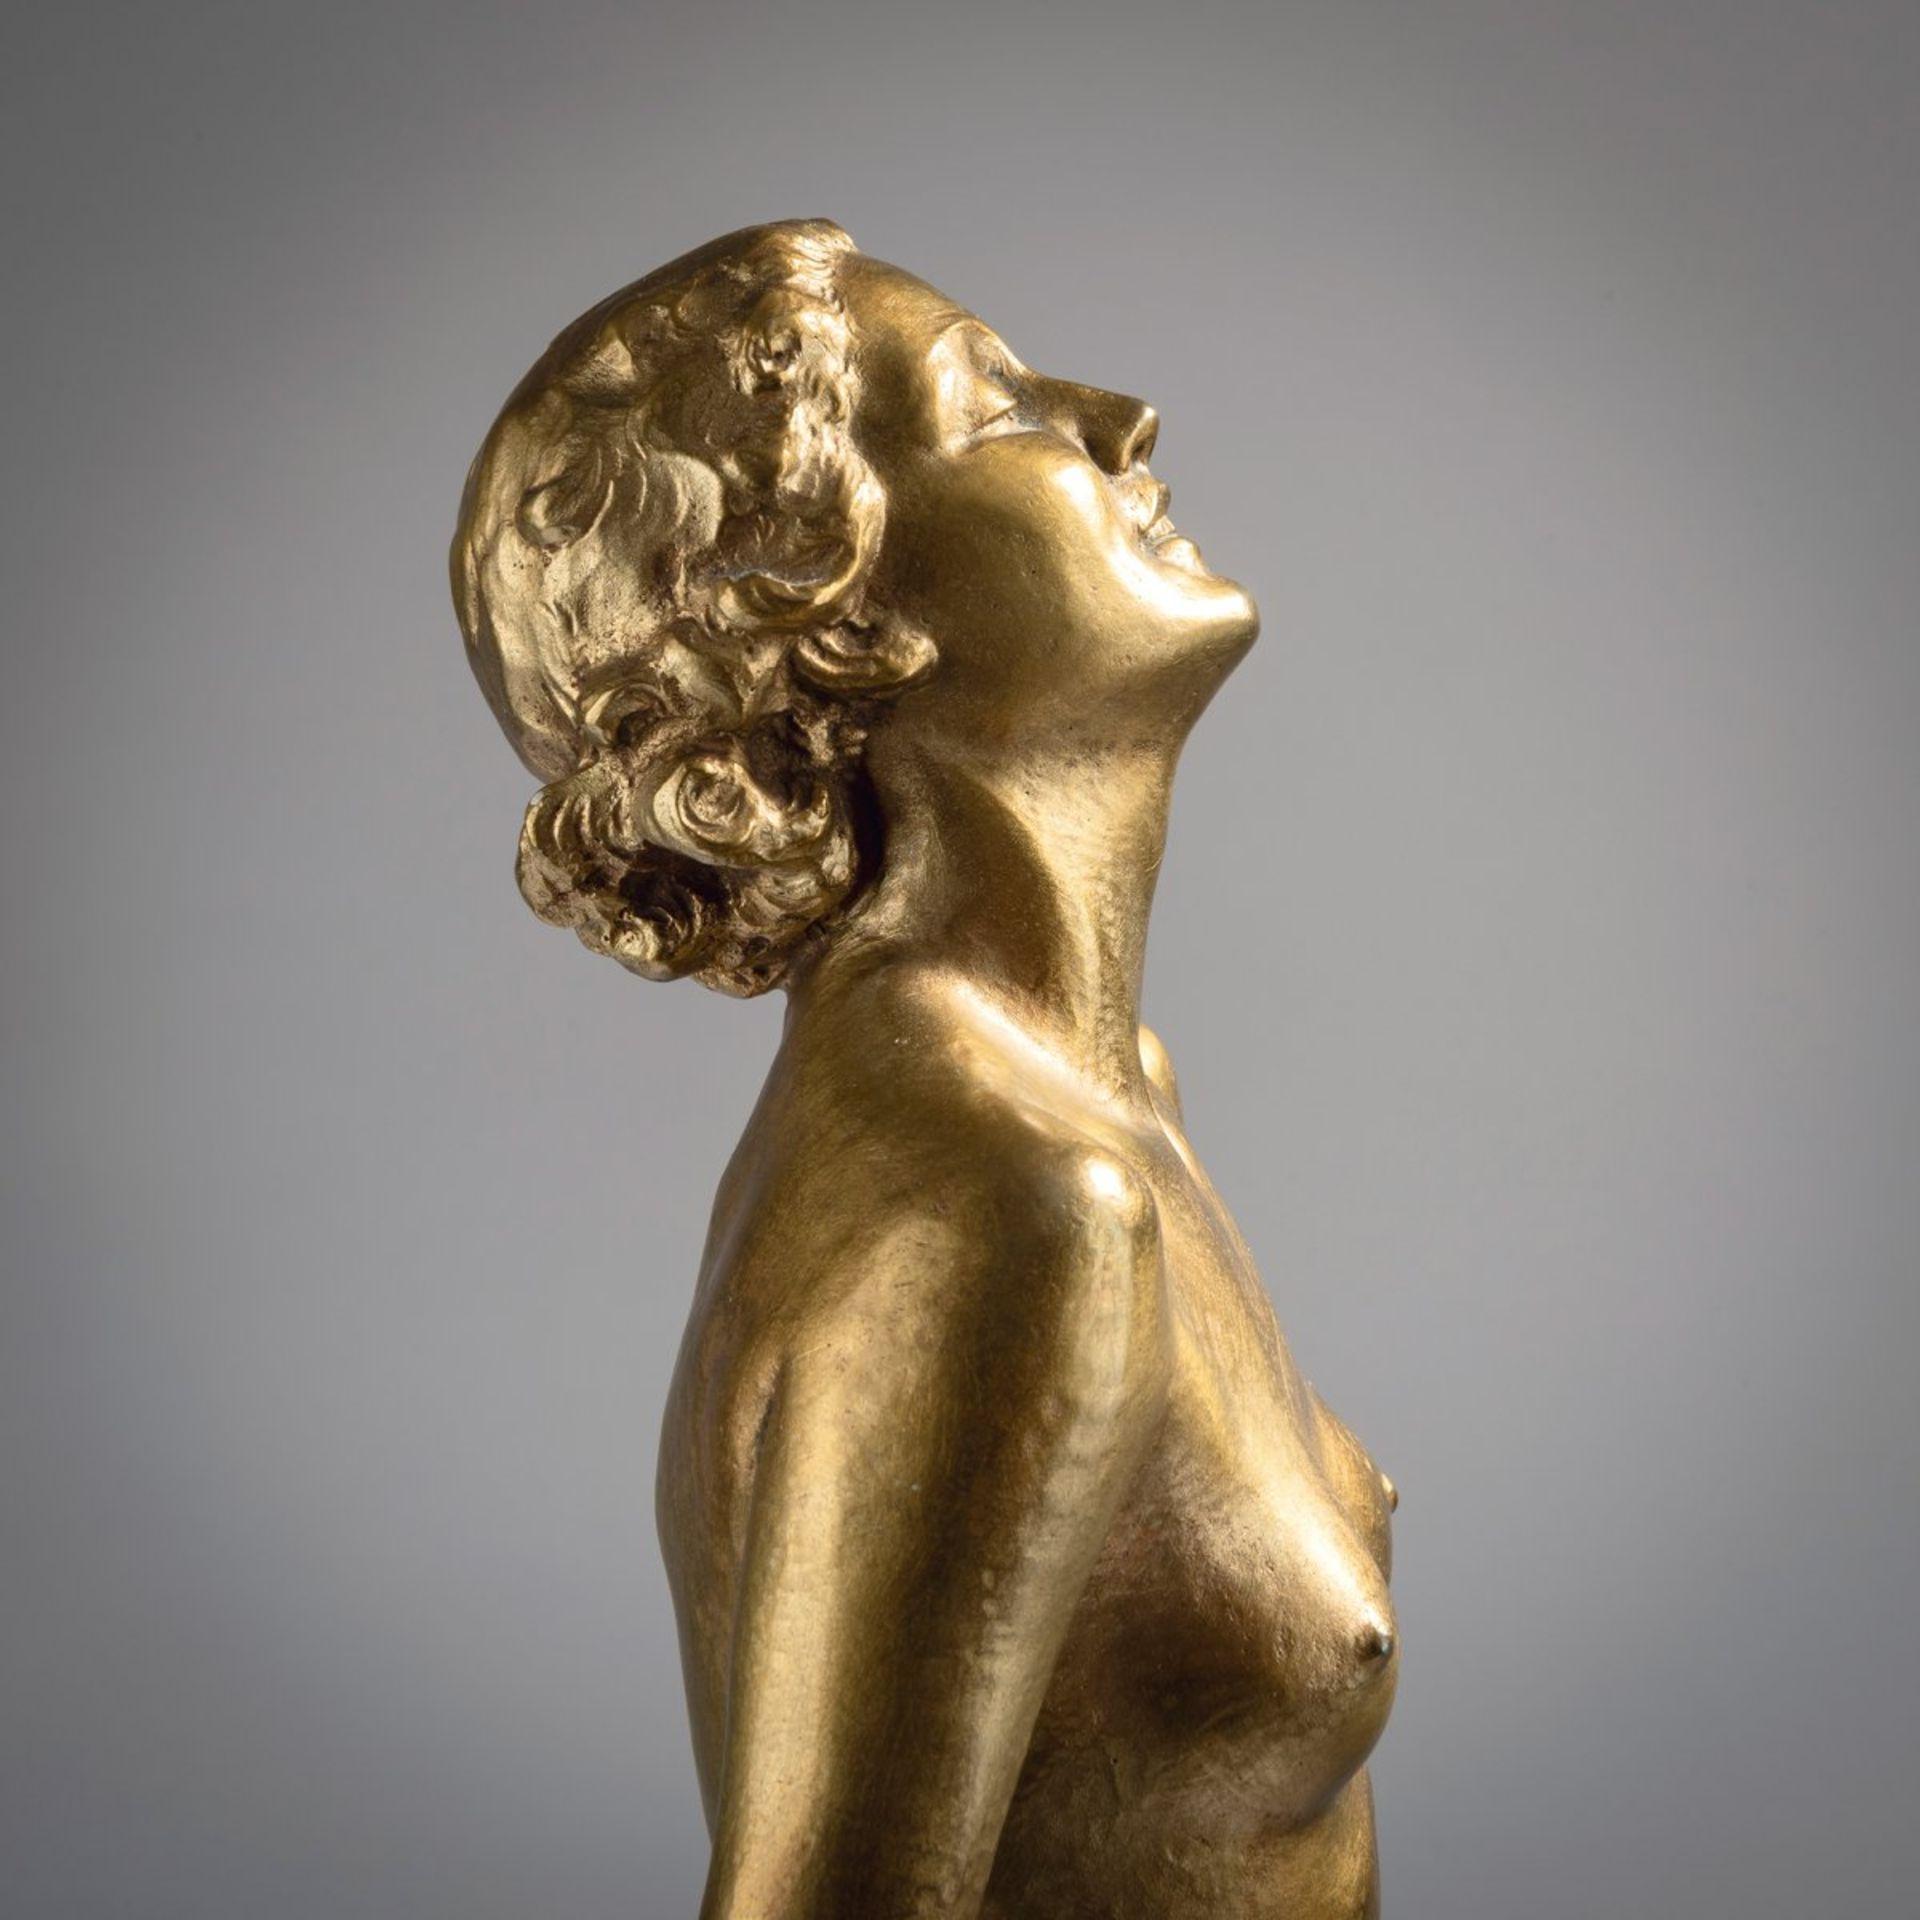 Ferdinand Preiss, 'Frühlingssonne', nach 1940 - Bild 12 aus 12